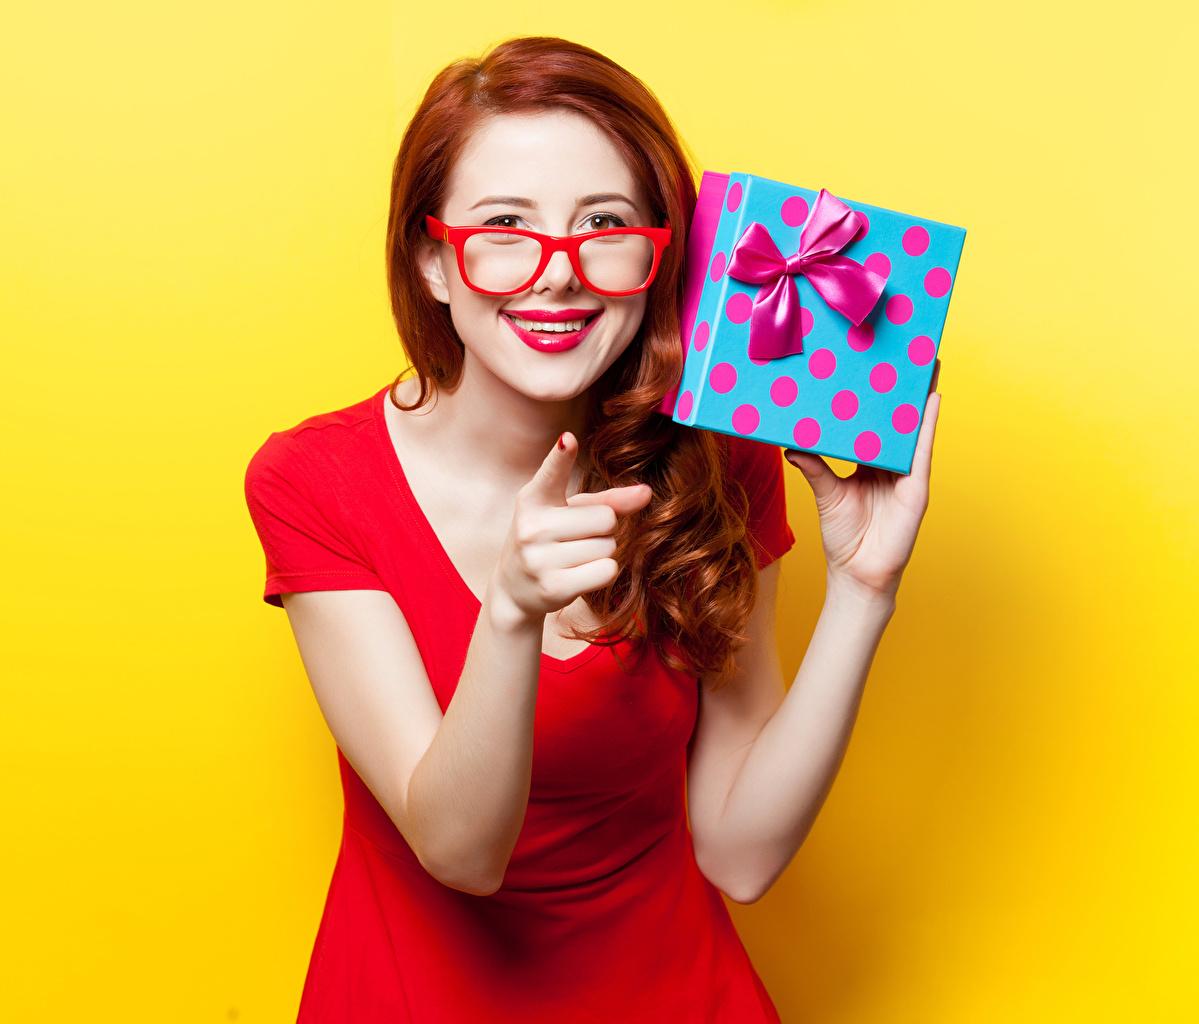 Фотография рыжие Жест Девушки подарок очков Пальцы Взгляд Красные губы Цветной фон Рыжая рыжих жесты девушка молодая женщина молодые женщины Подарки подарков Очки очках смотрят смотрит красными губами